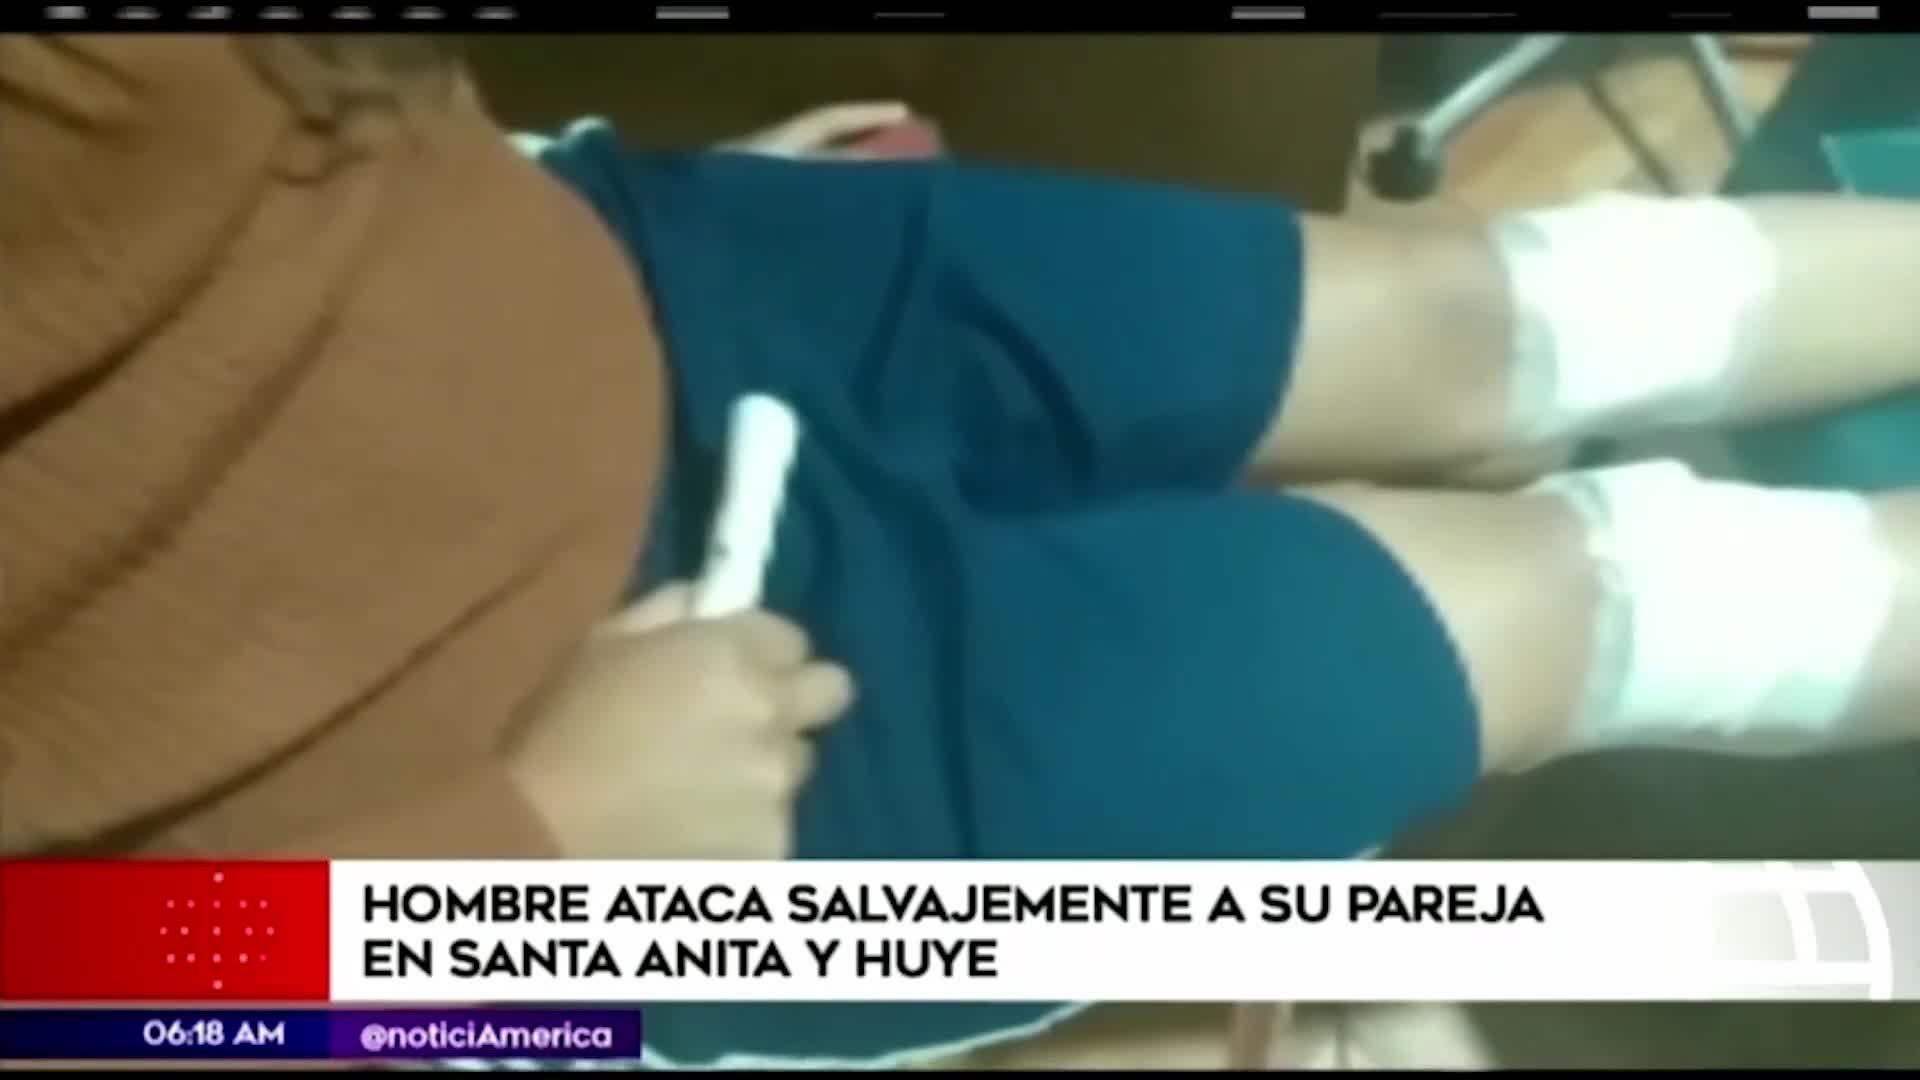 Santa Anita: hombre atacó con navaja a su enamorada y luego escapó